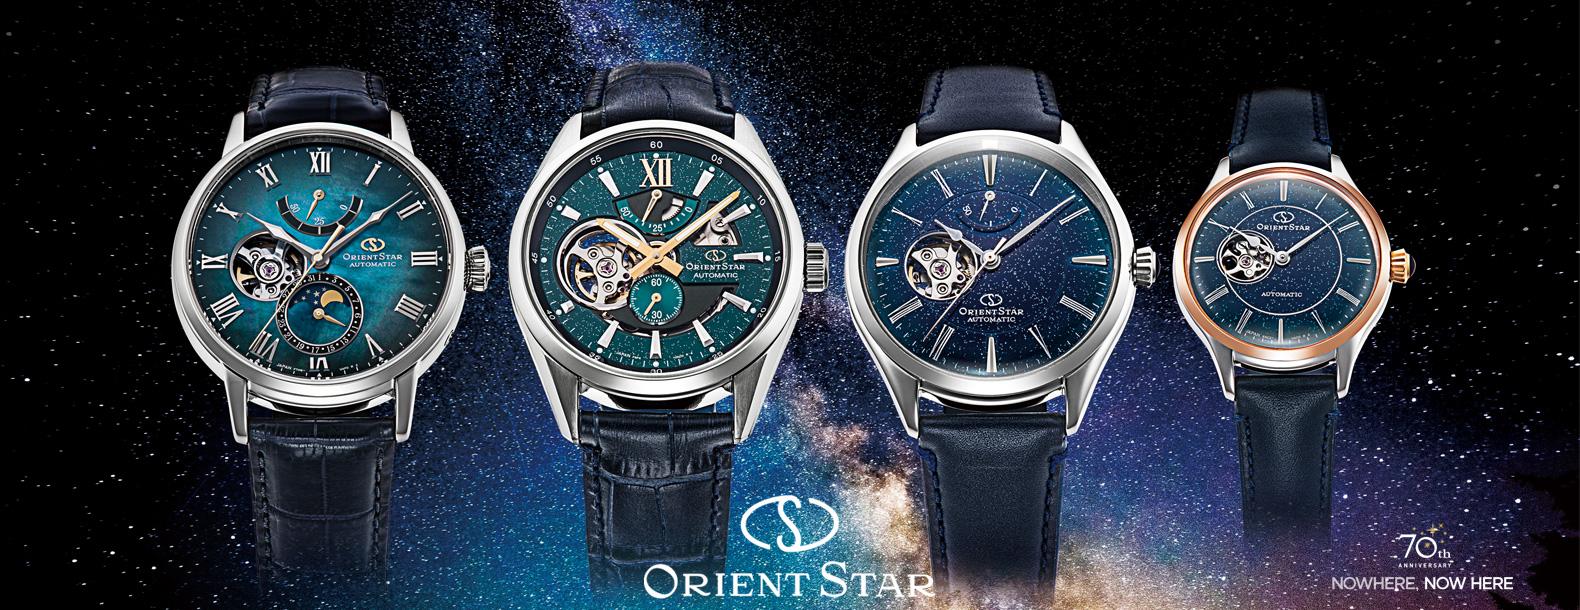 ORIENT STAR/オリエントスター70周年記念 特別限定モデル